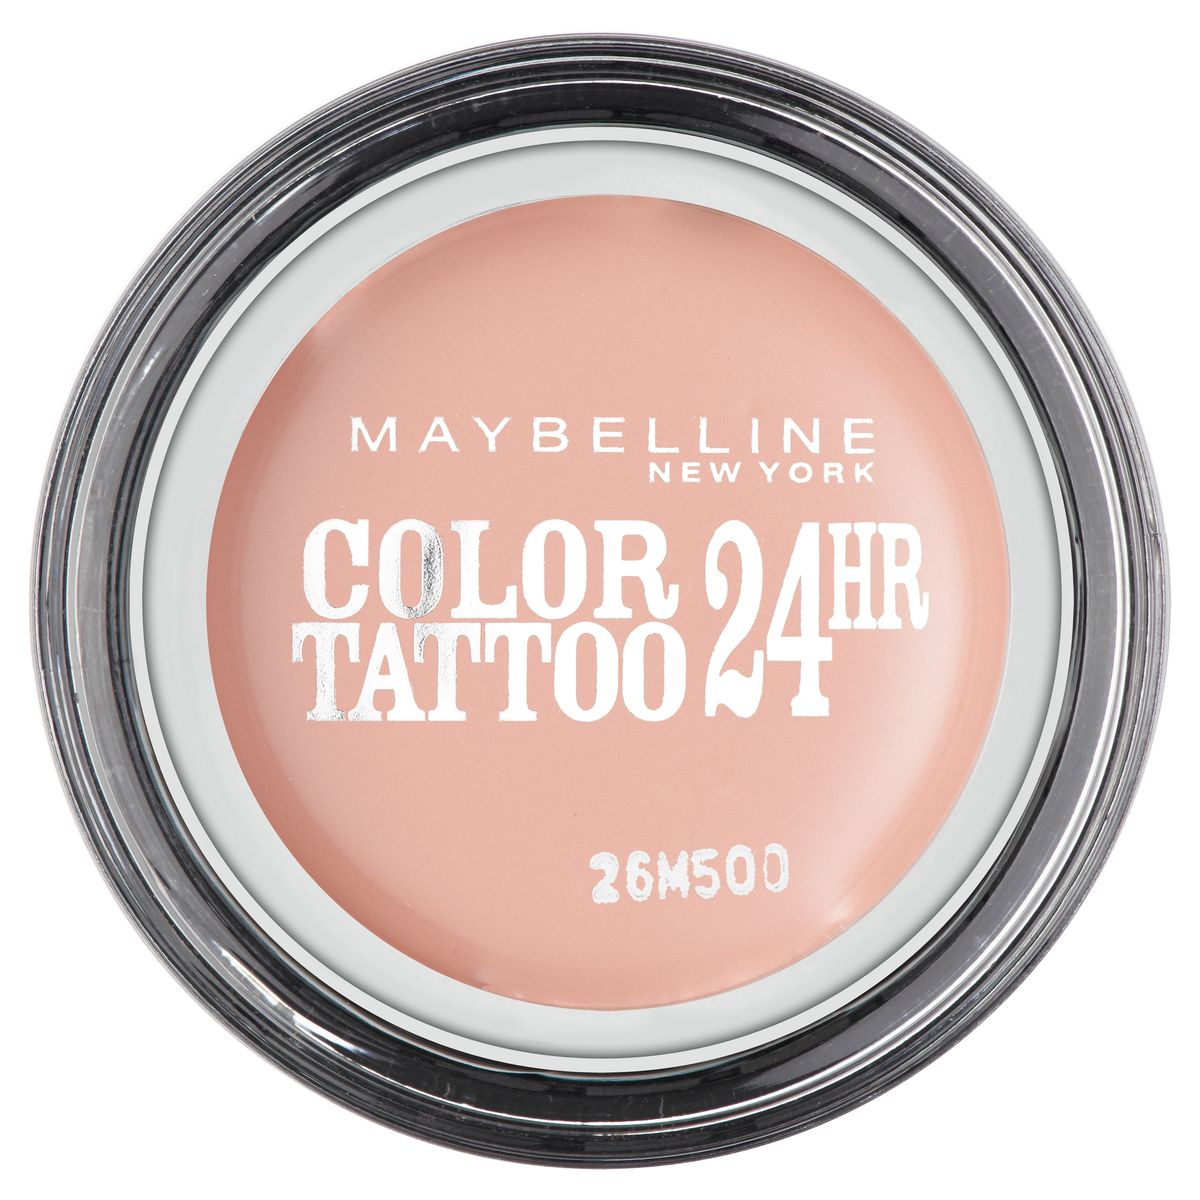 Maybelline New York Тени для век Color Tattoo, оттенок 91, Розовый Зефир, 4 млB2900101Технология тату-пигментов создает яркий, супернасыщенный цвет. Крем-гелевая текстура обеспечивает ультралегкое нанесение и стойкость на 24 часа.